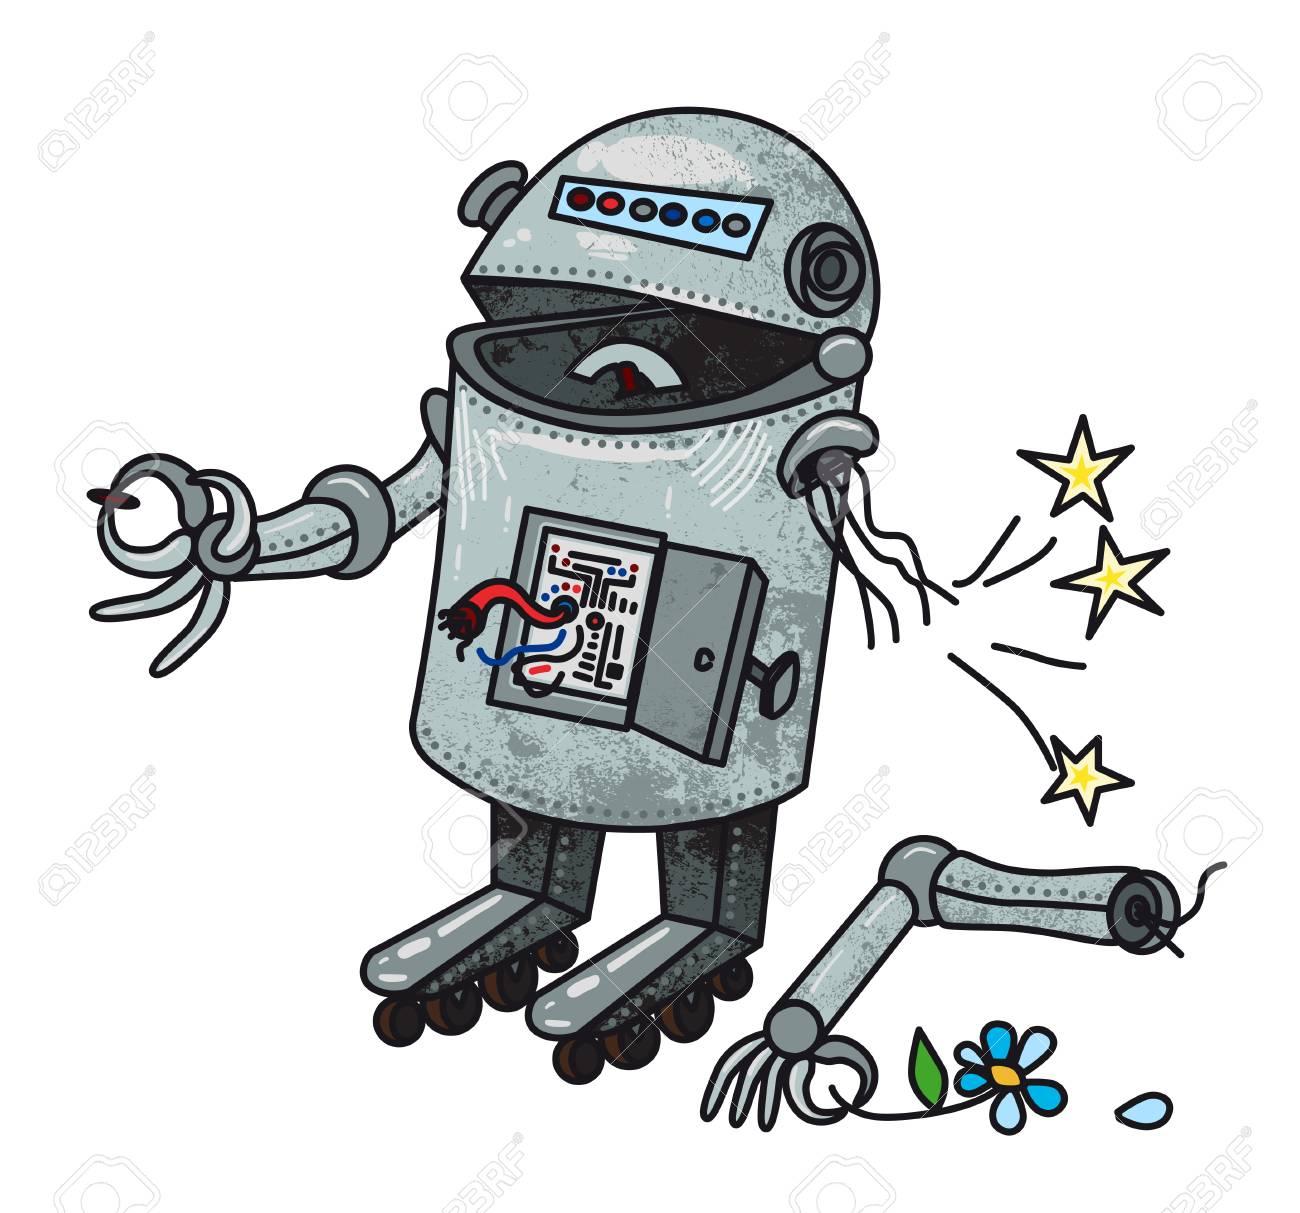 Cartoon image of broken robot.